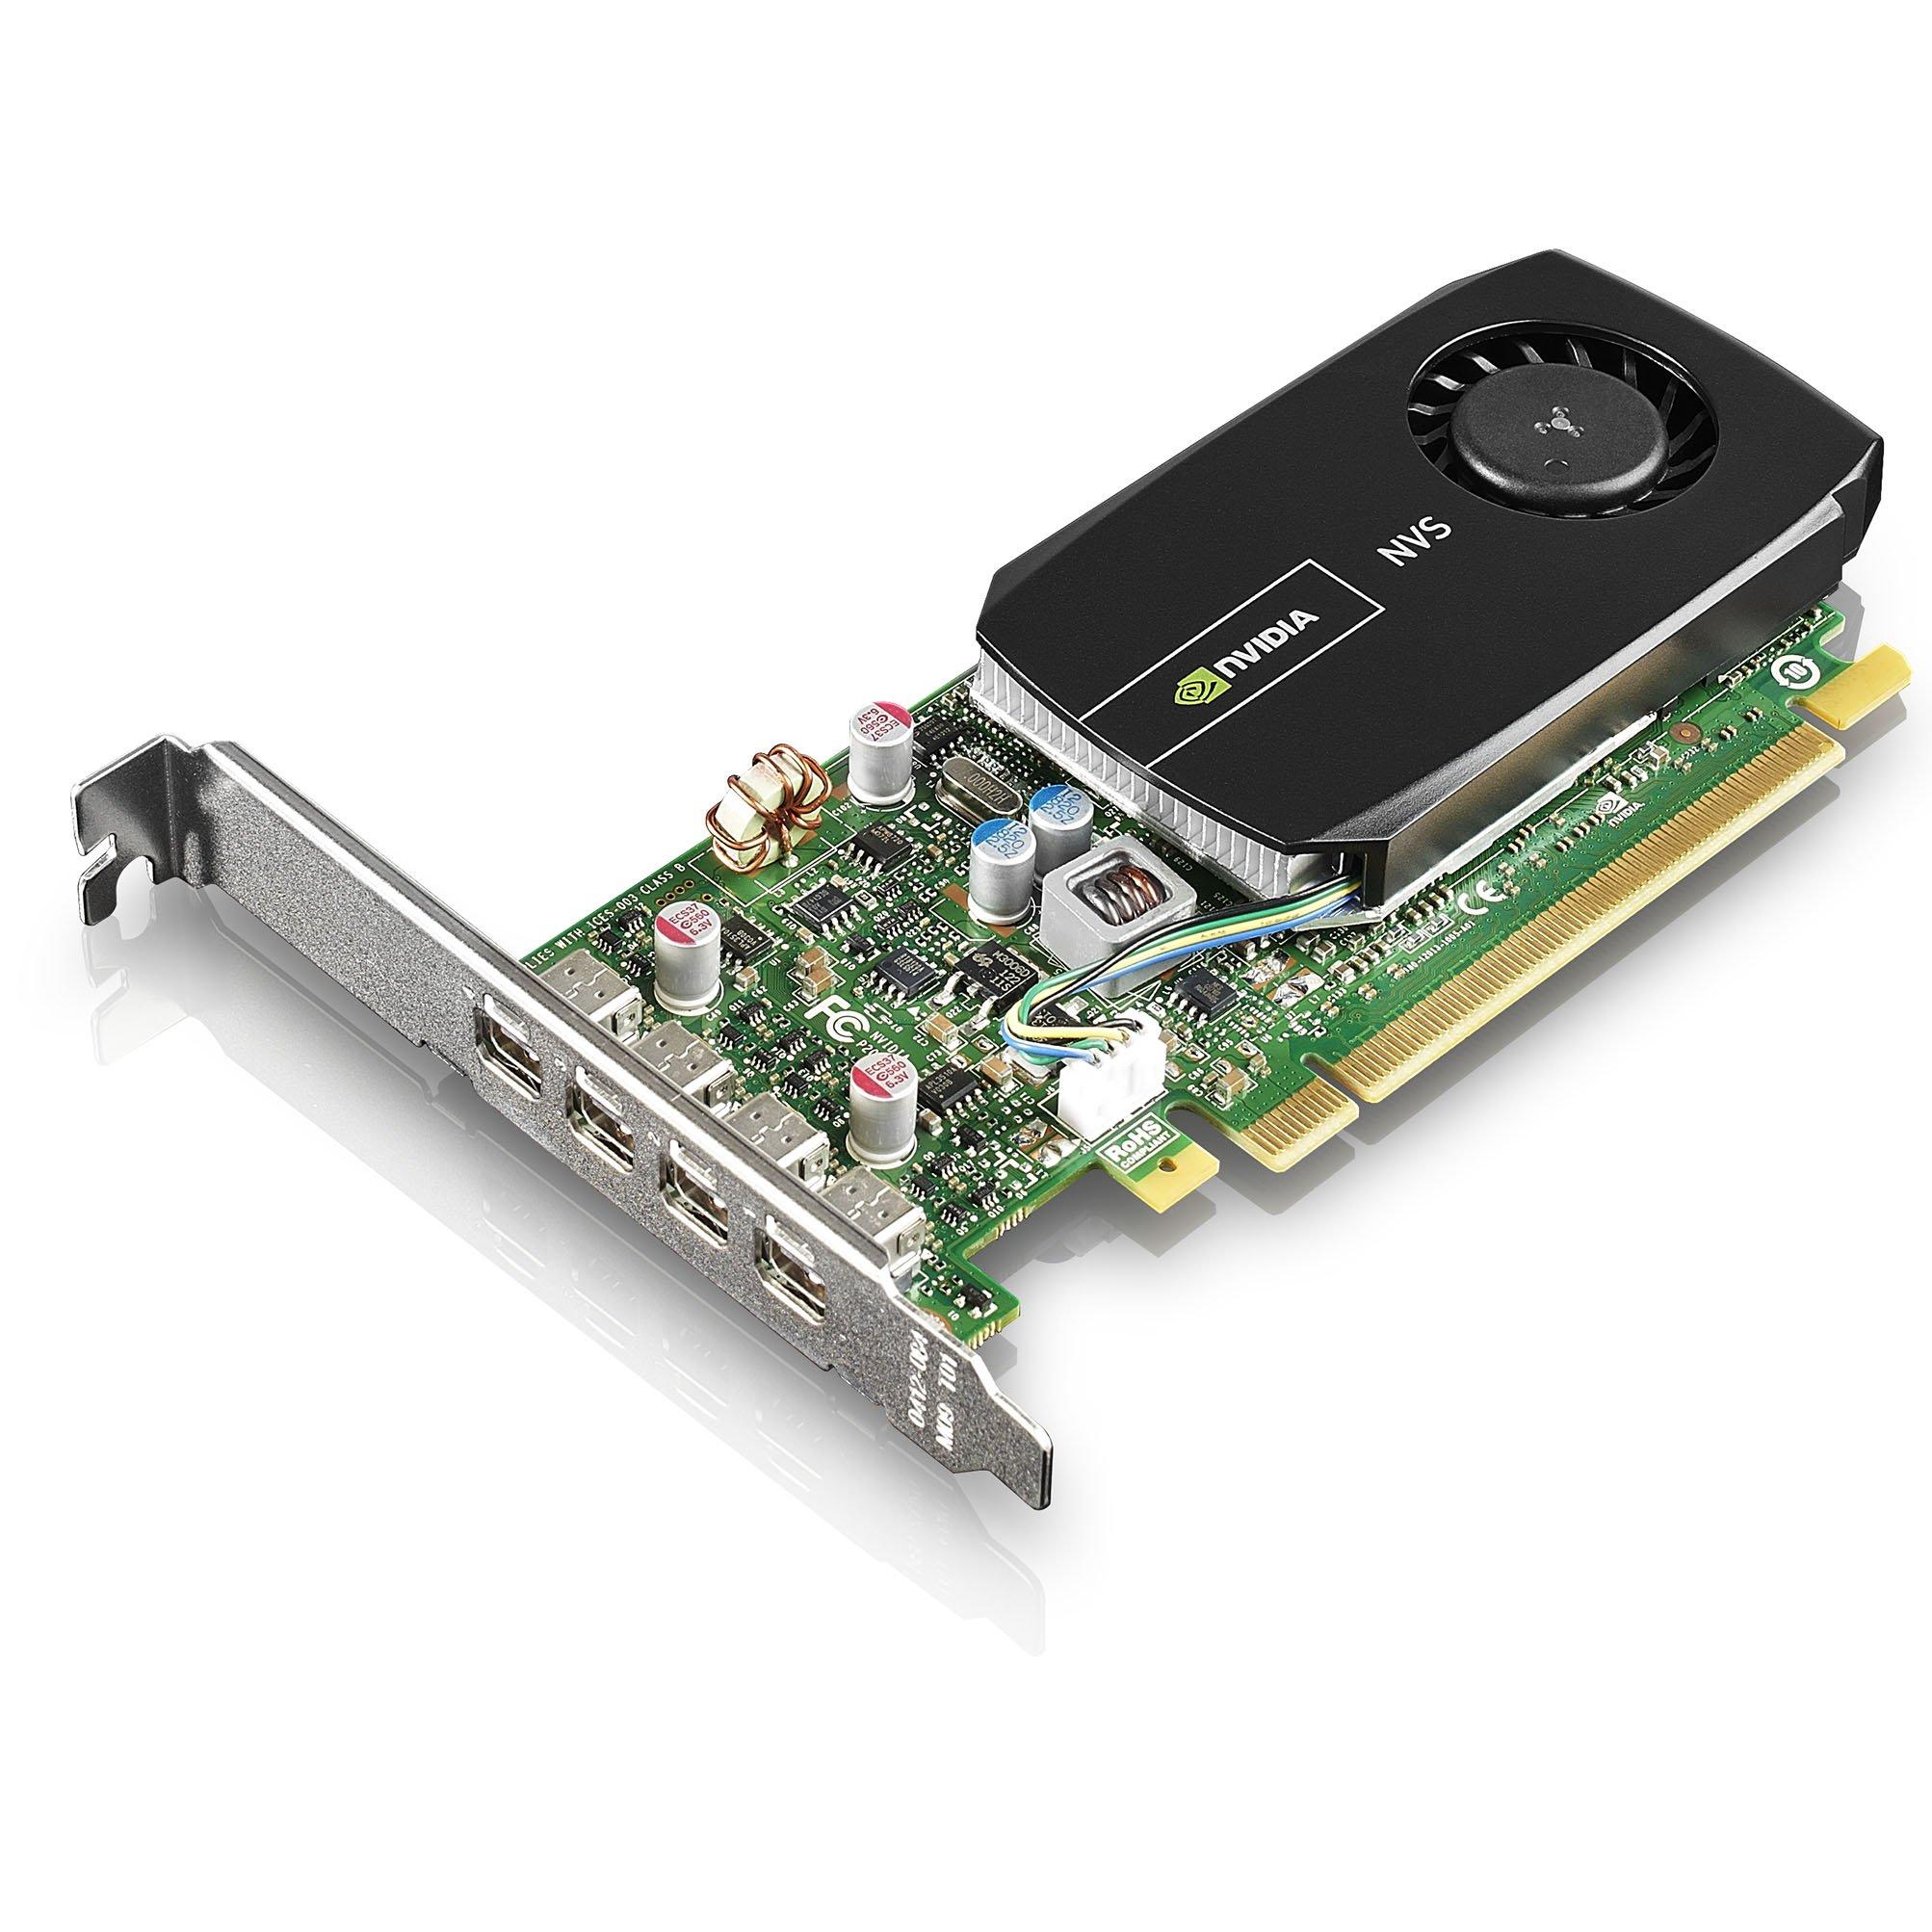 PLACA DE VIDEO LENOVO NVIDIA NVS 510 2GB DDR3 128 BITS 4X MINI DISPLAY PORT PCIE 2.0 (FH/LP) 0B47077